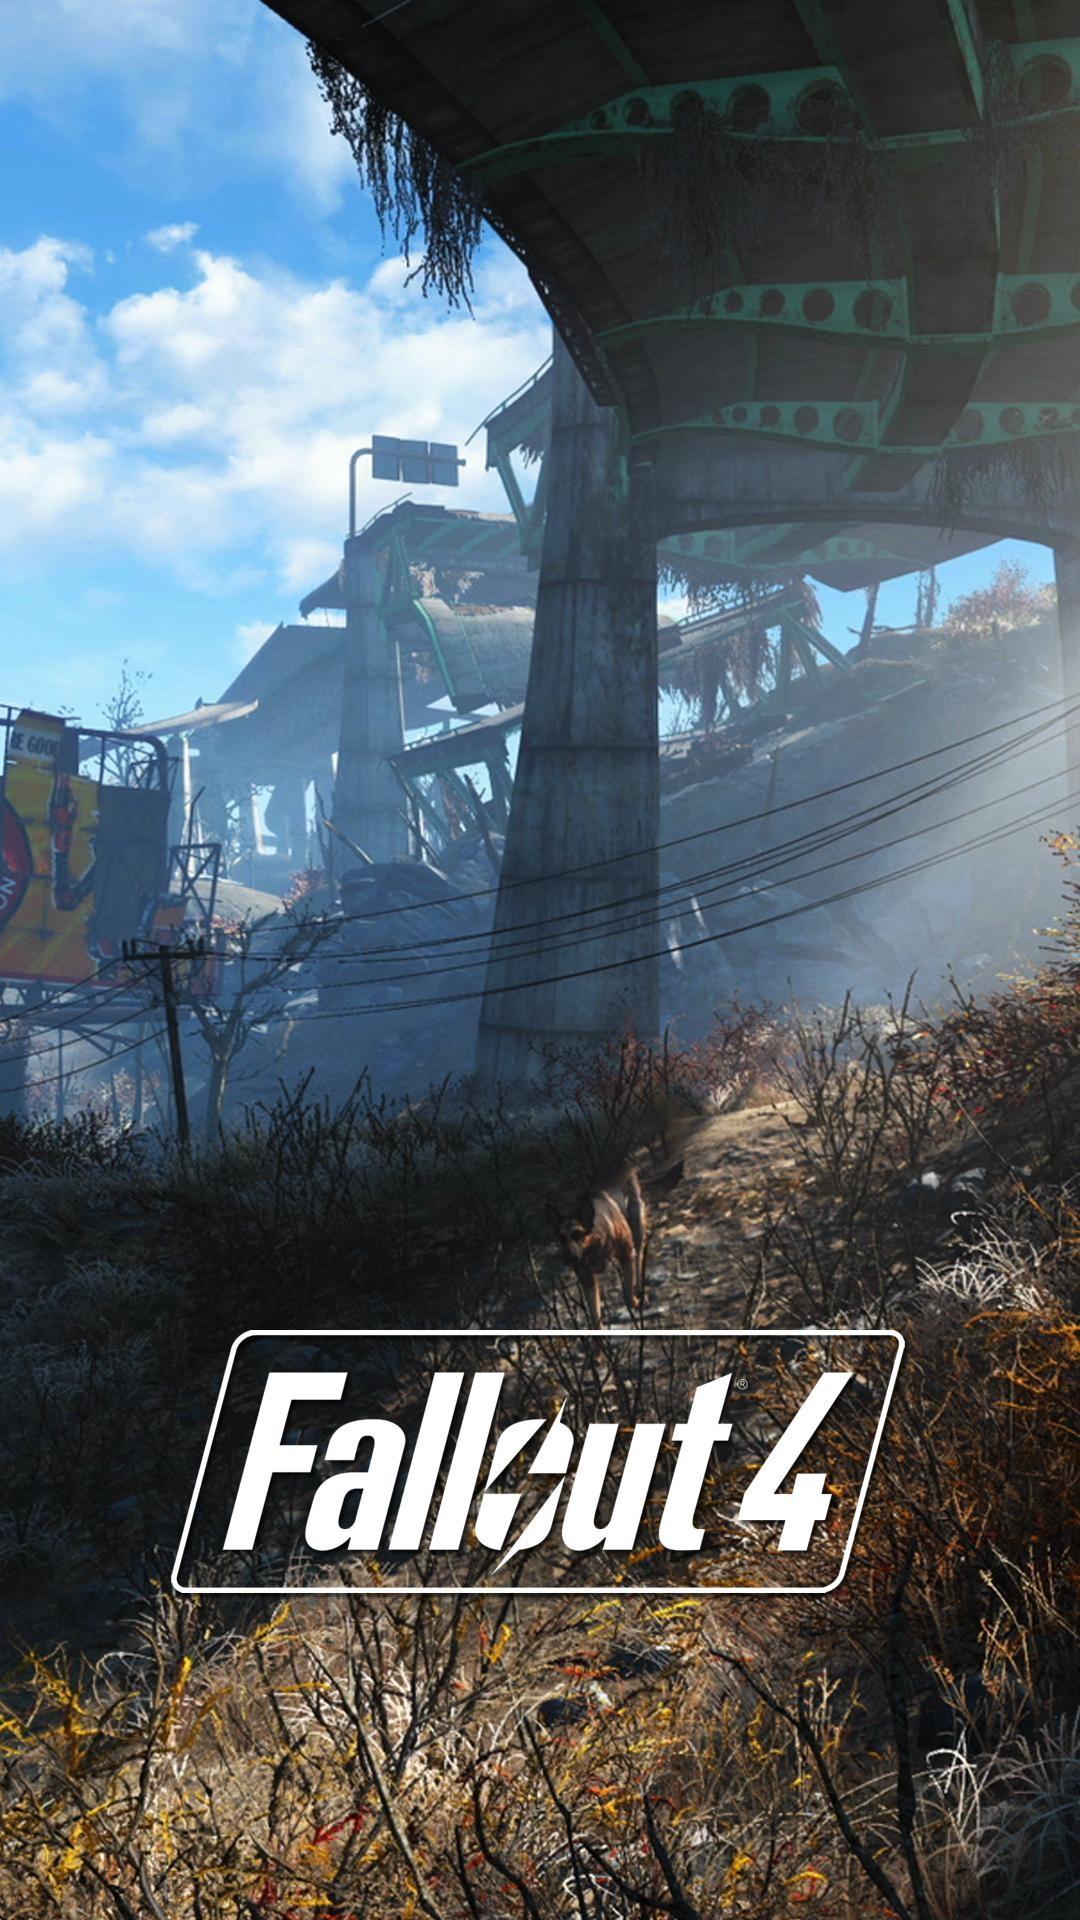 Fallout 4 Wallpaper Phone – WallpaperSafari